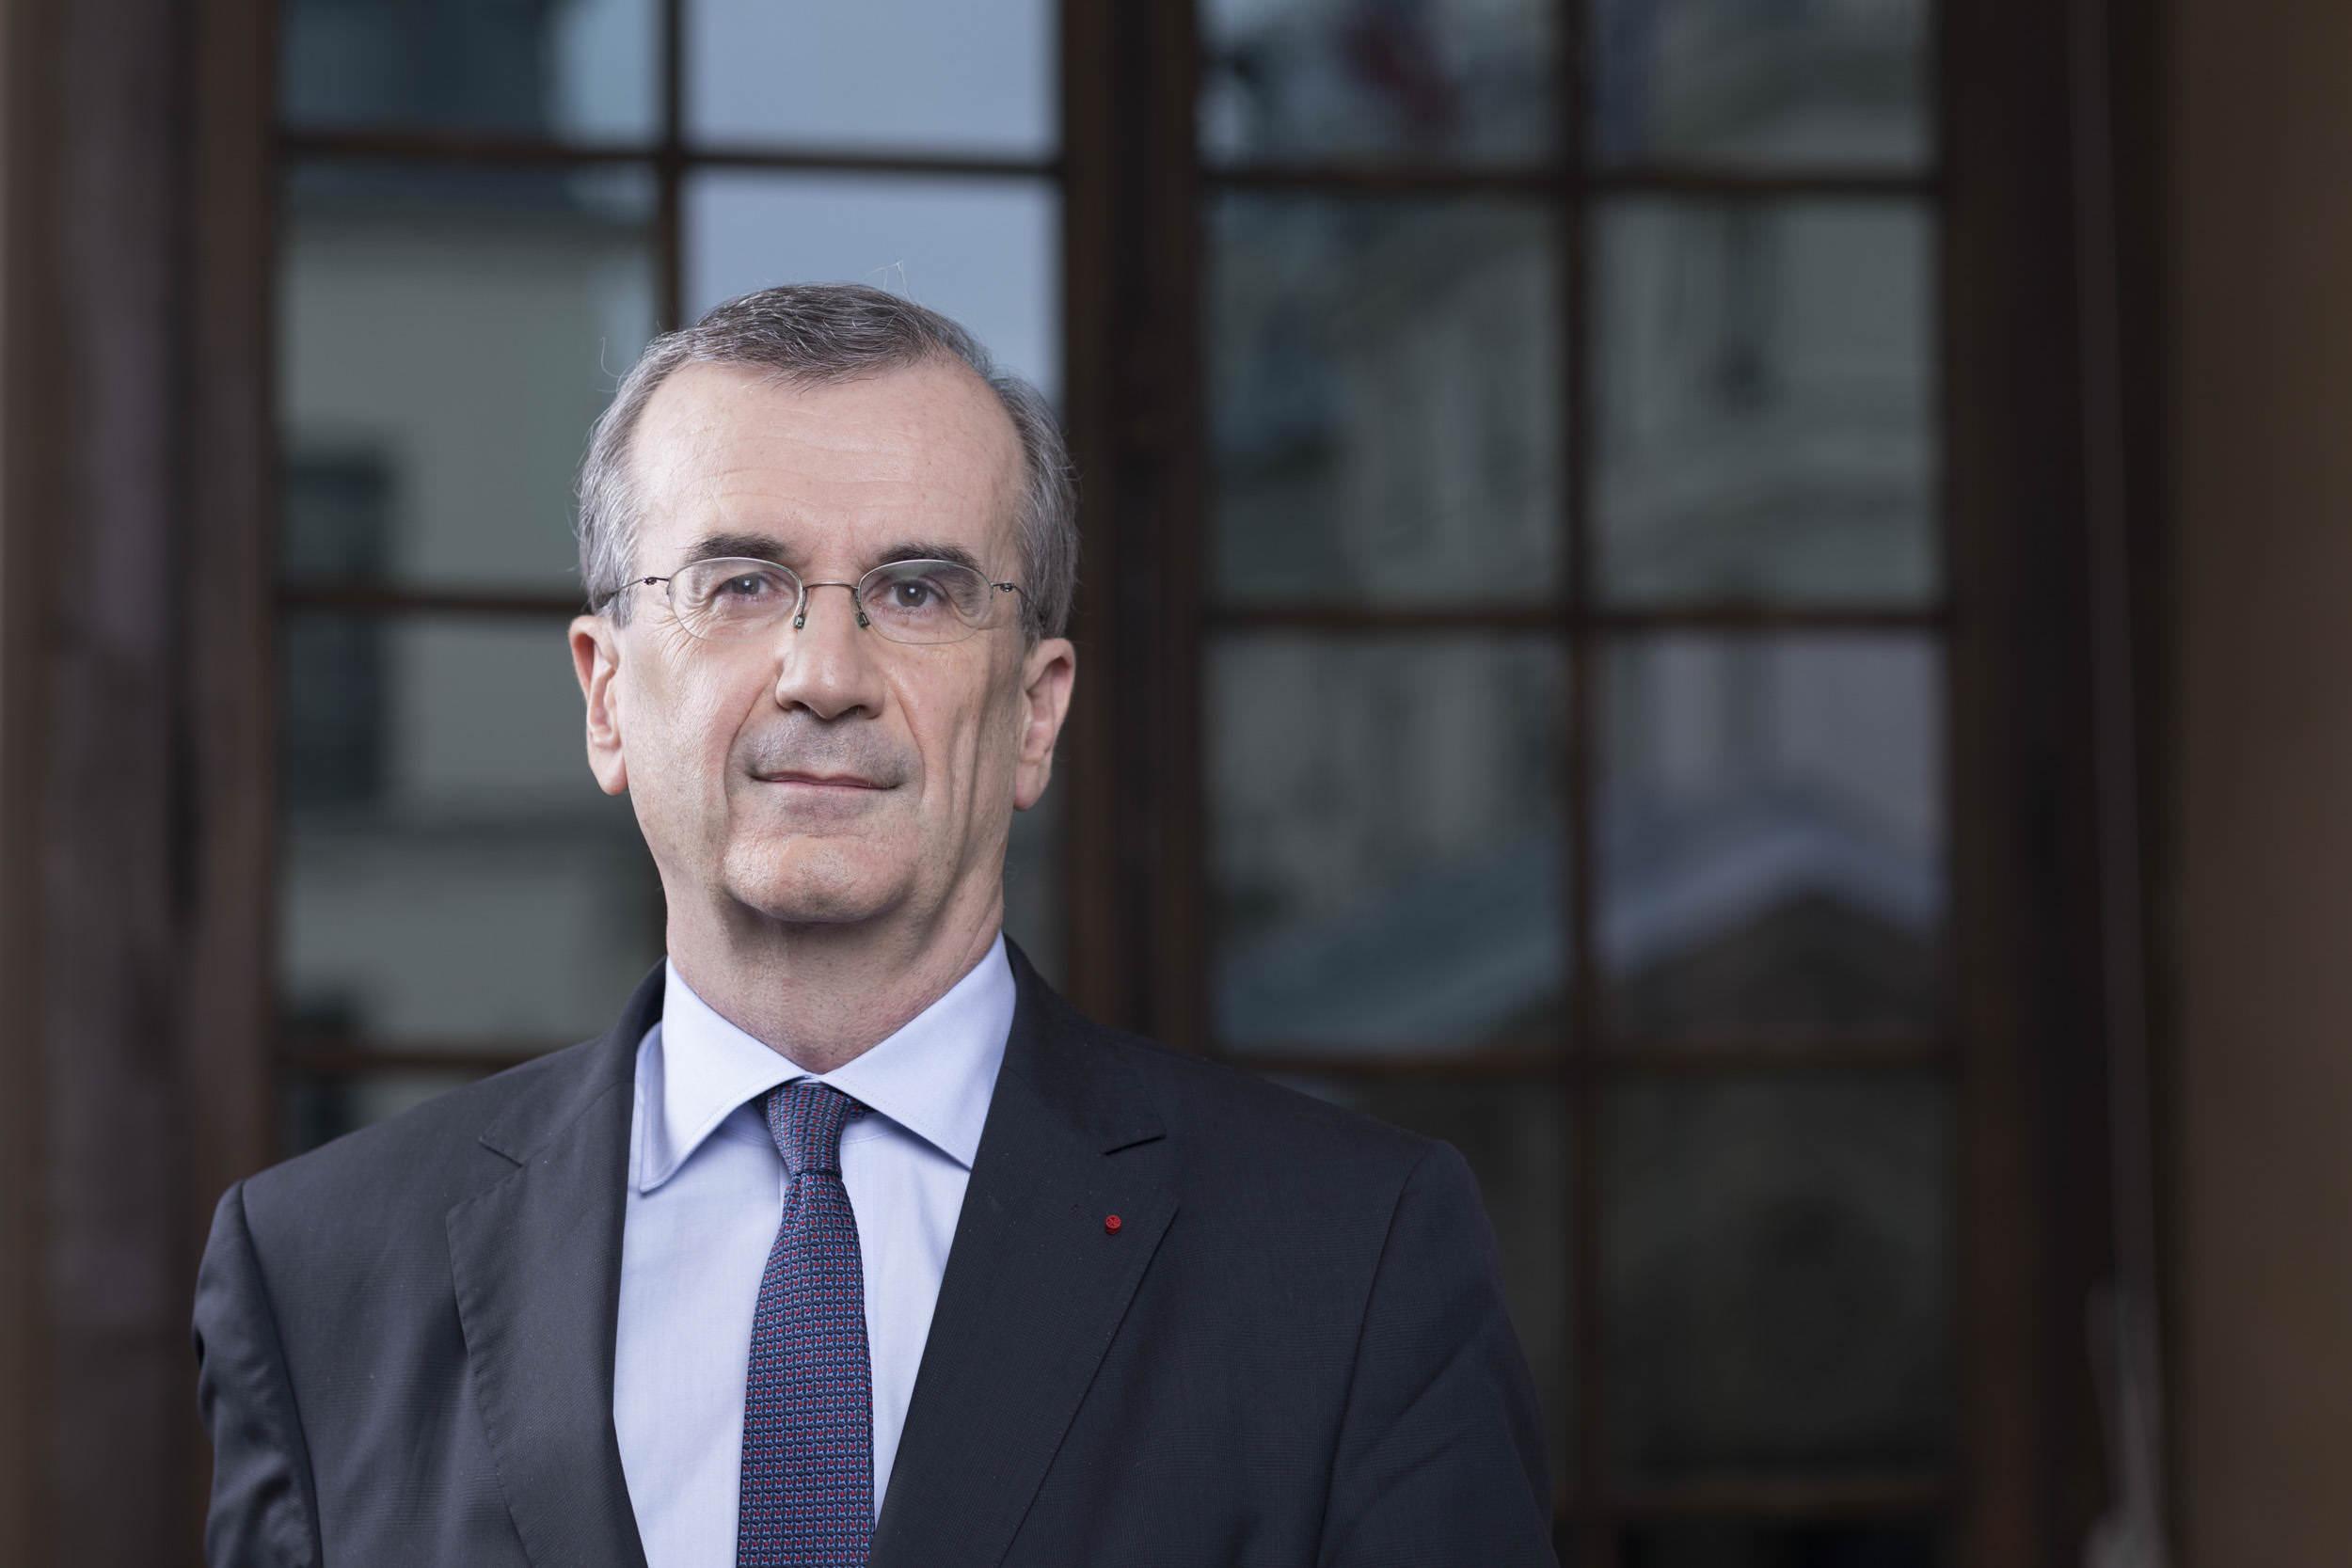 فيلروي: من المتوقع استمرار الفائدة الأوروبية المنخفضة لفترة طويلة الأمد